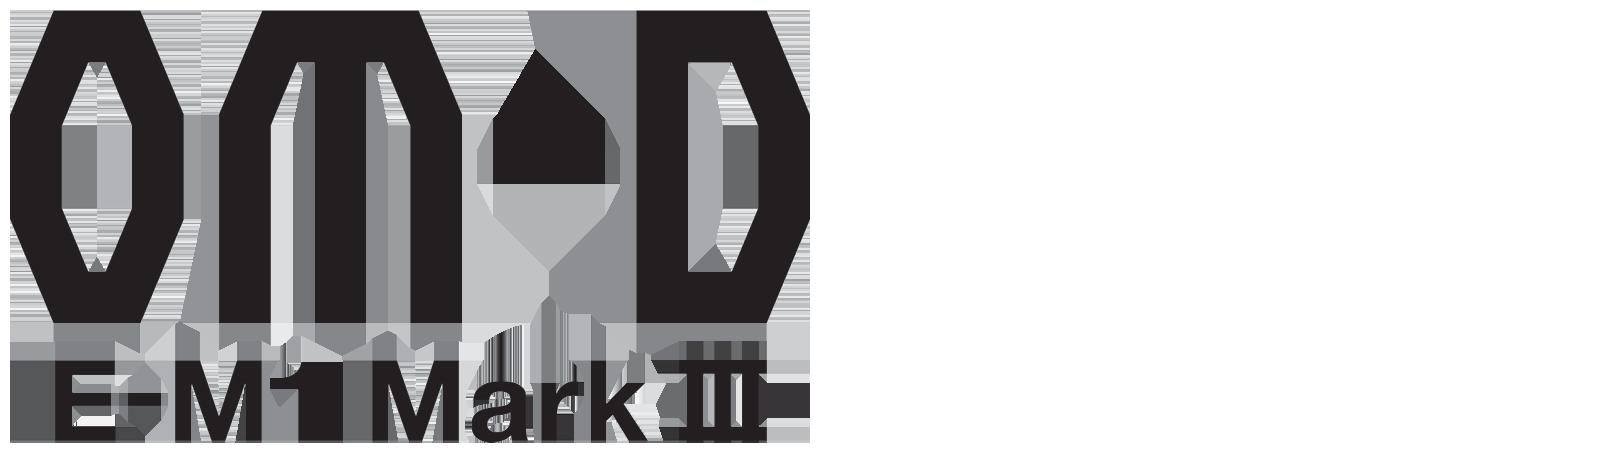 OM-D E-M1 Mark III Logo